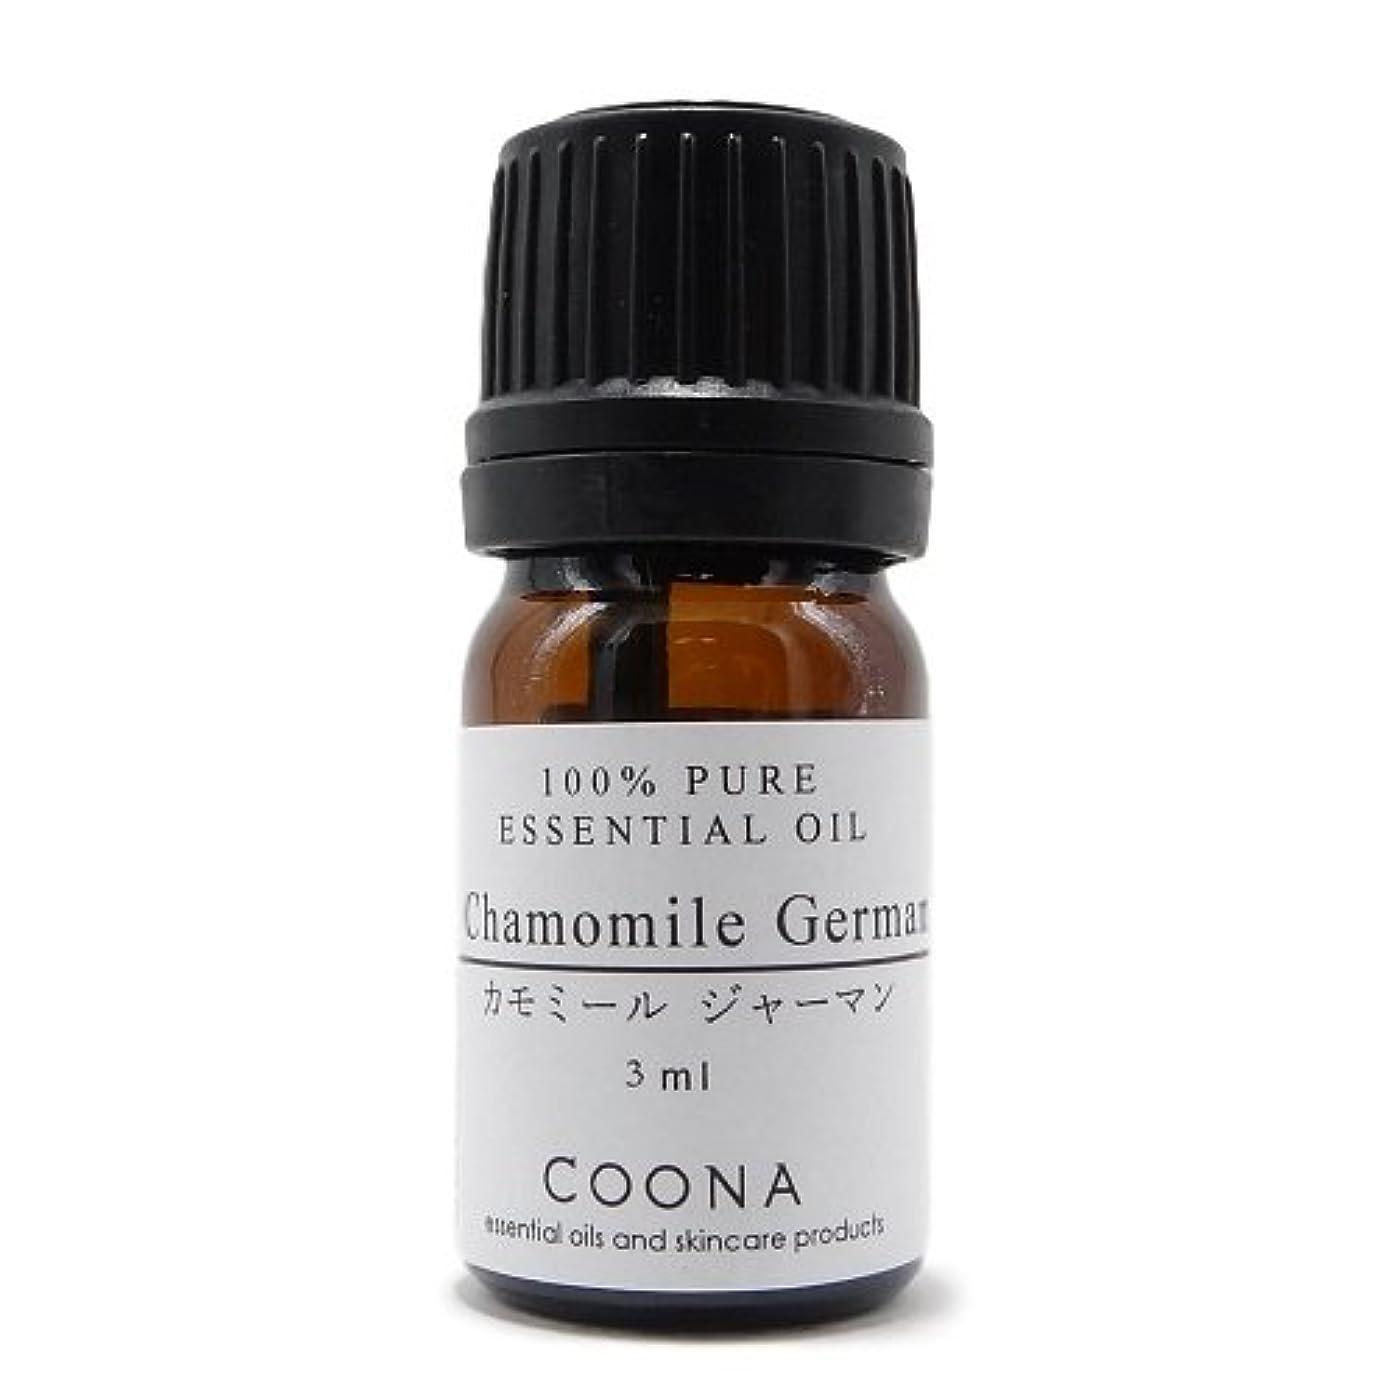 不規則性辞書親密なカモミール ジャーマン 3 ml (COONA エッセンシャルオイル アロマオイル 100% 天然植物精油)